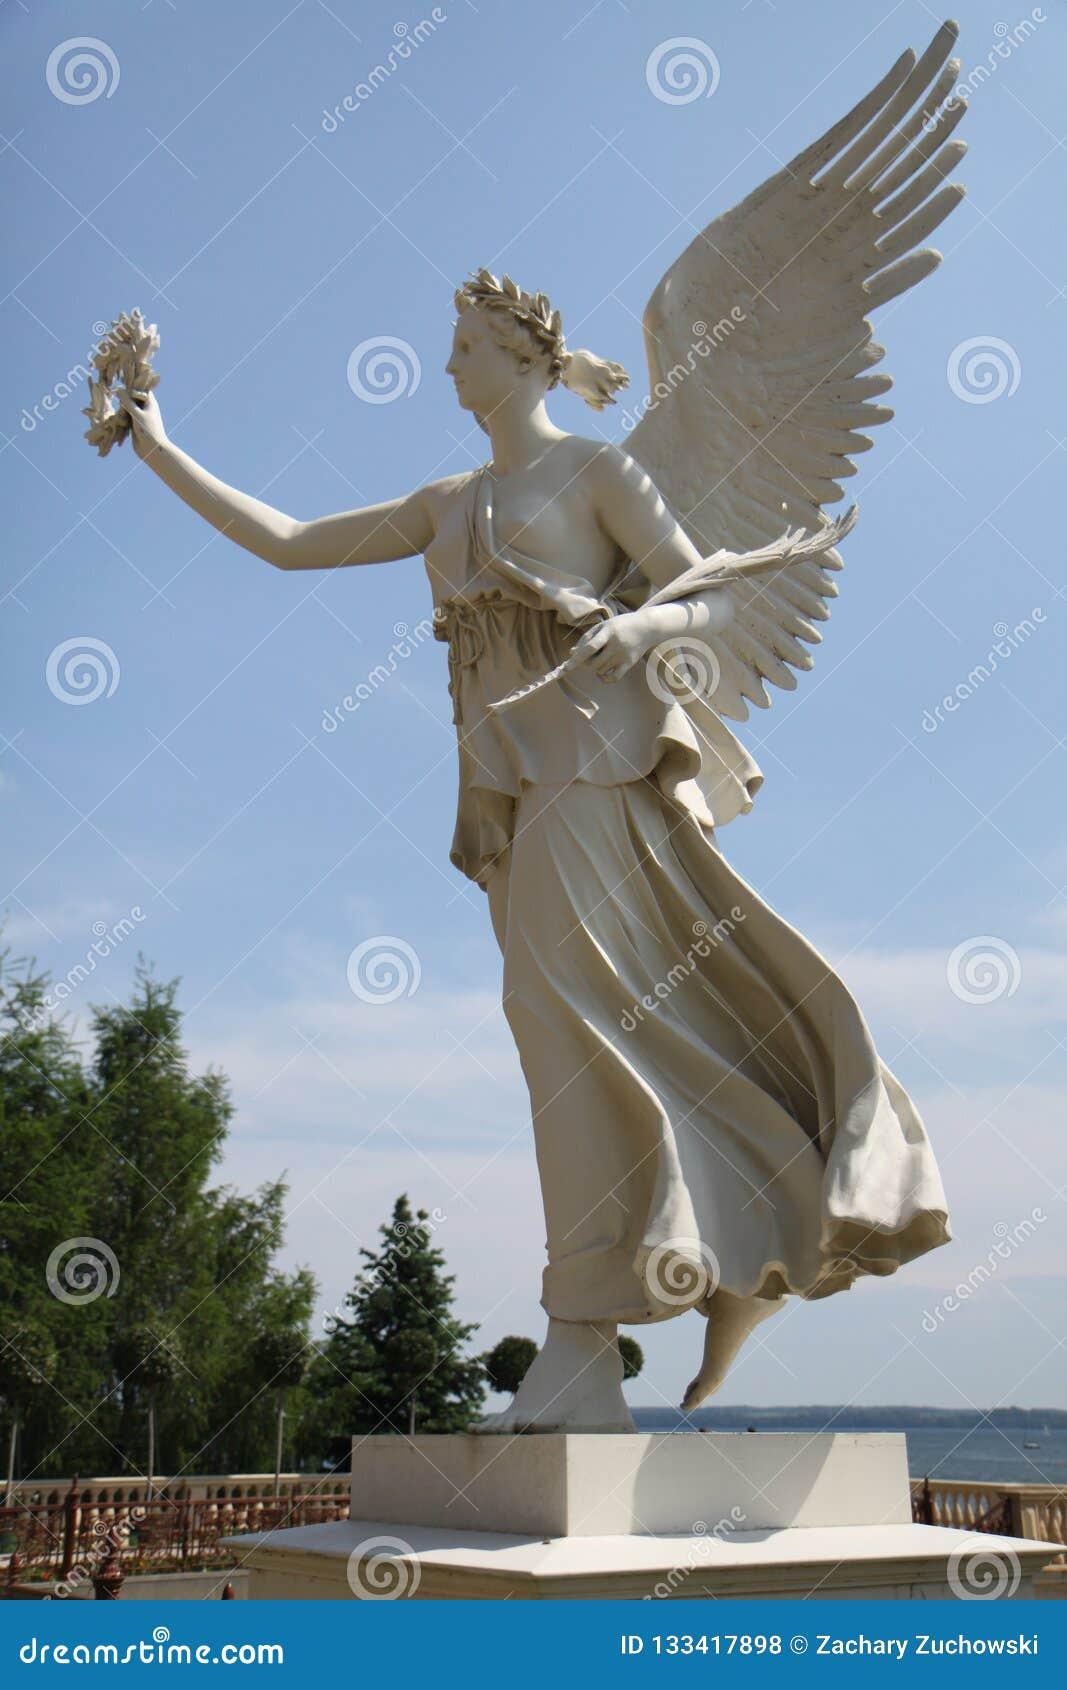 An Angel on a pedestal near the water